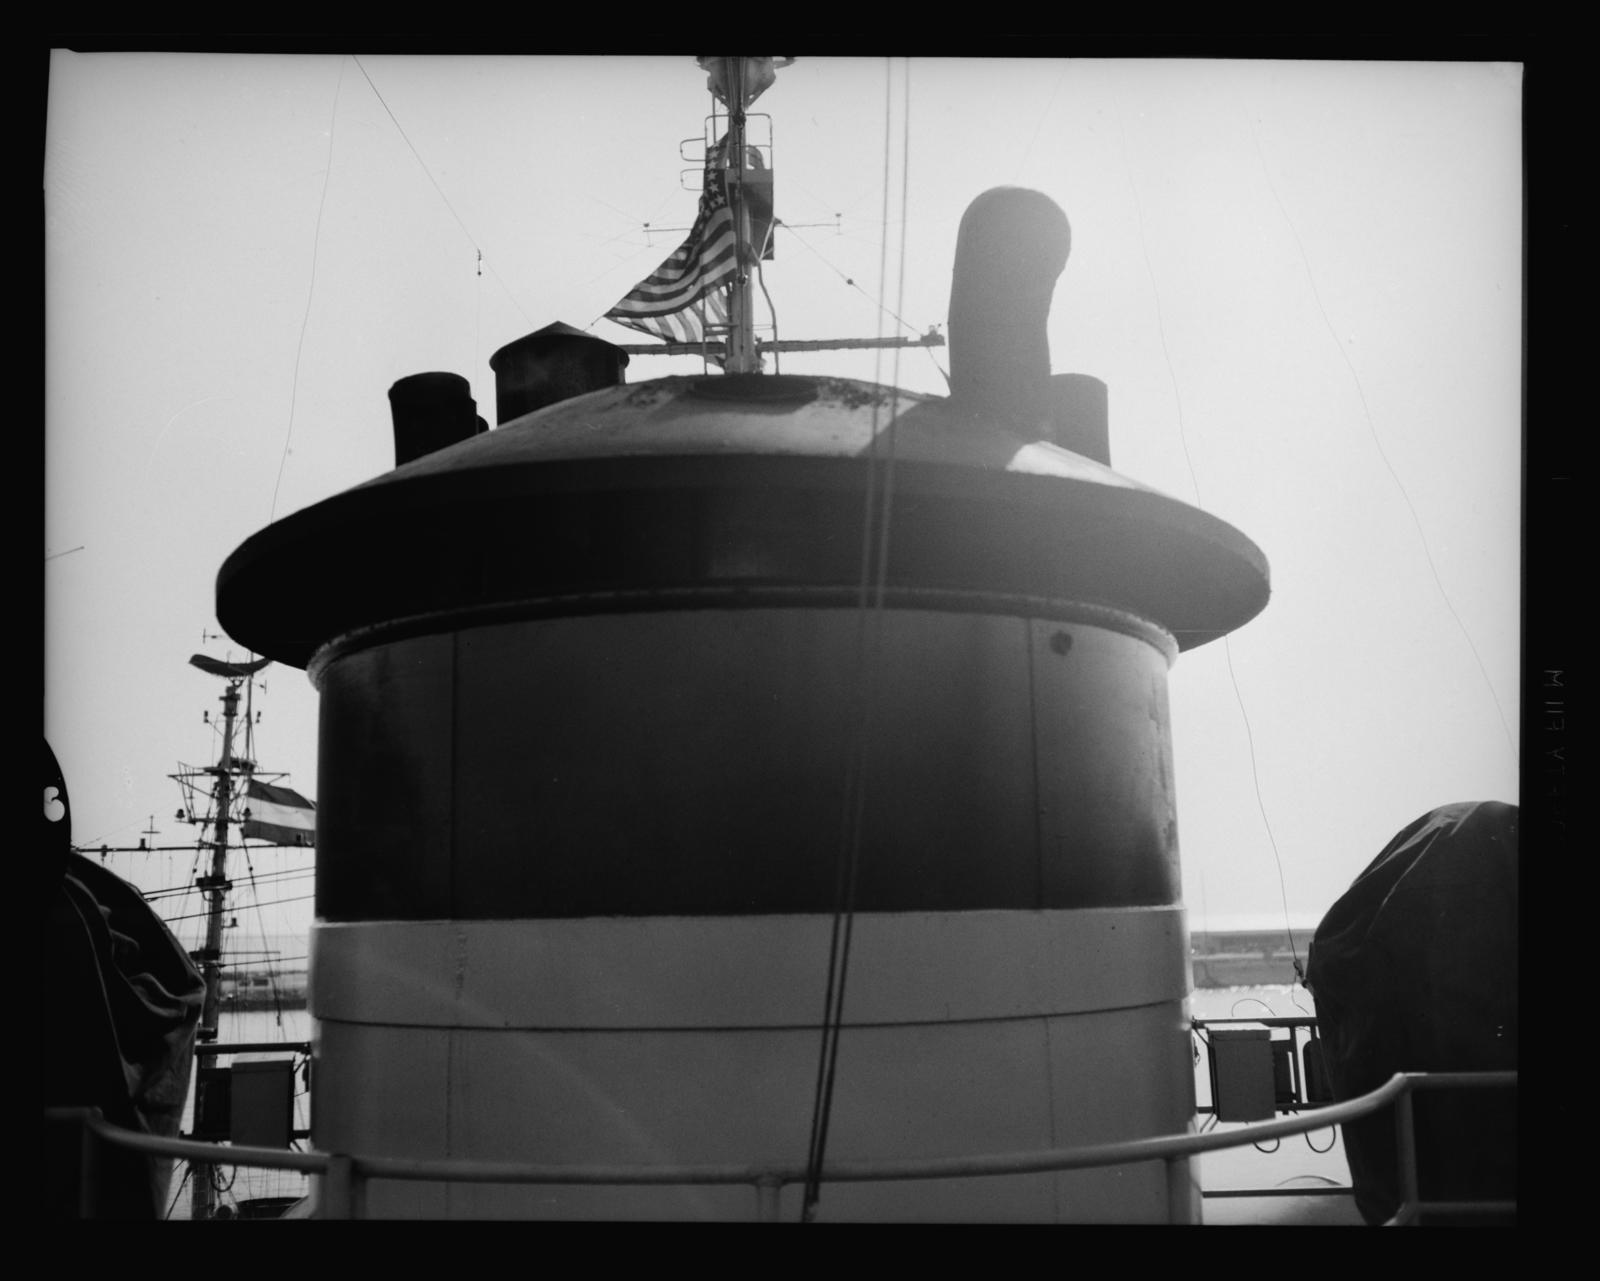 ARG-17 Hooper Island [19-NN-ARG-17 Hooper Island-149010]